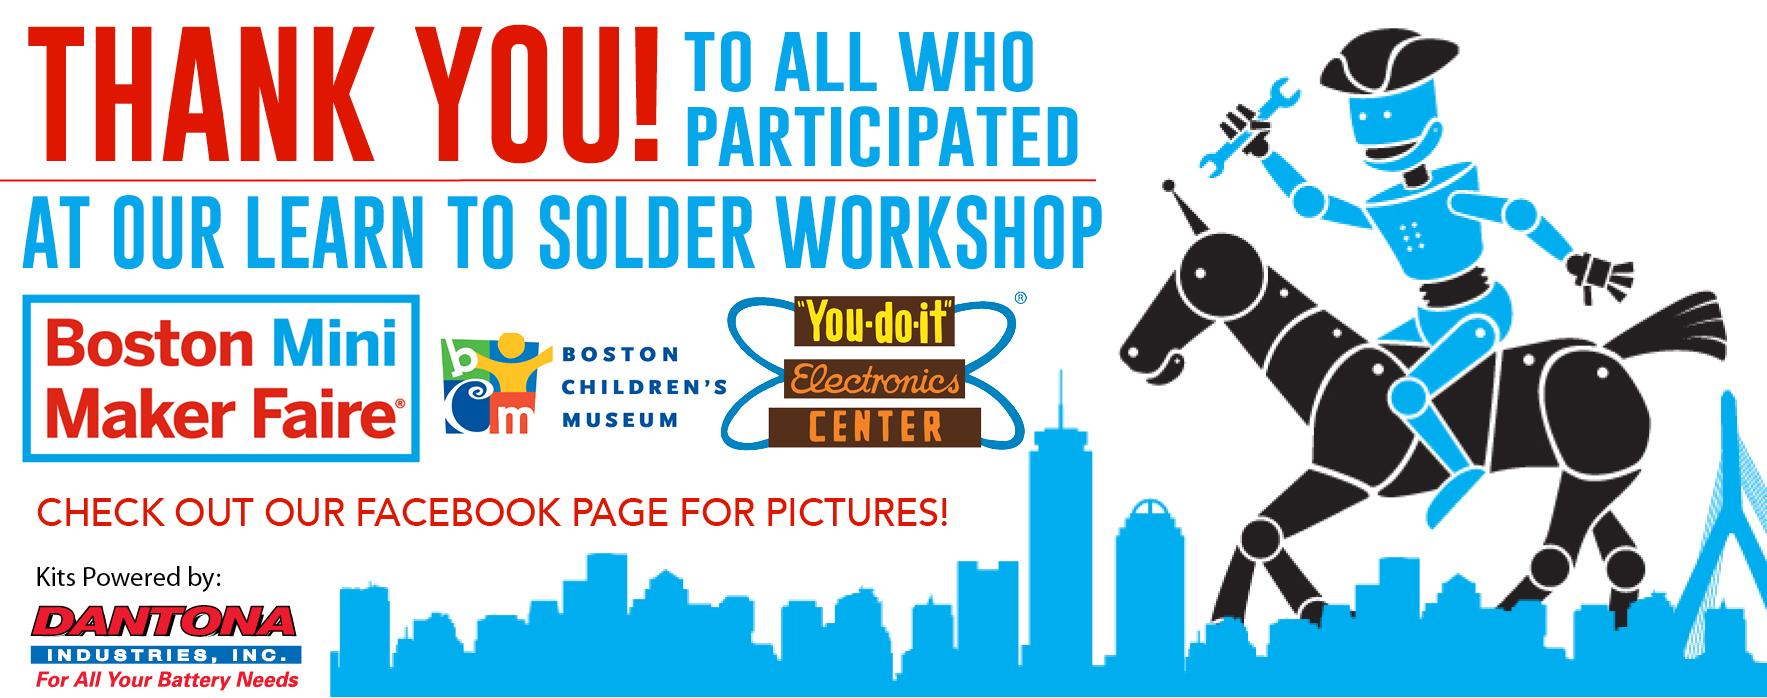 Boston Mini Maker Faire